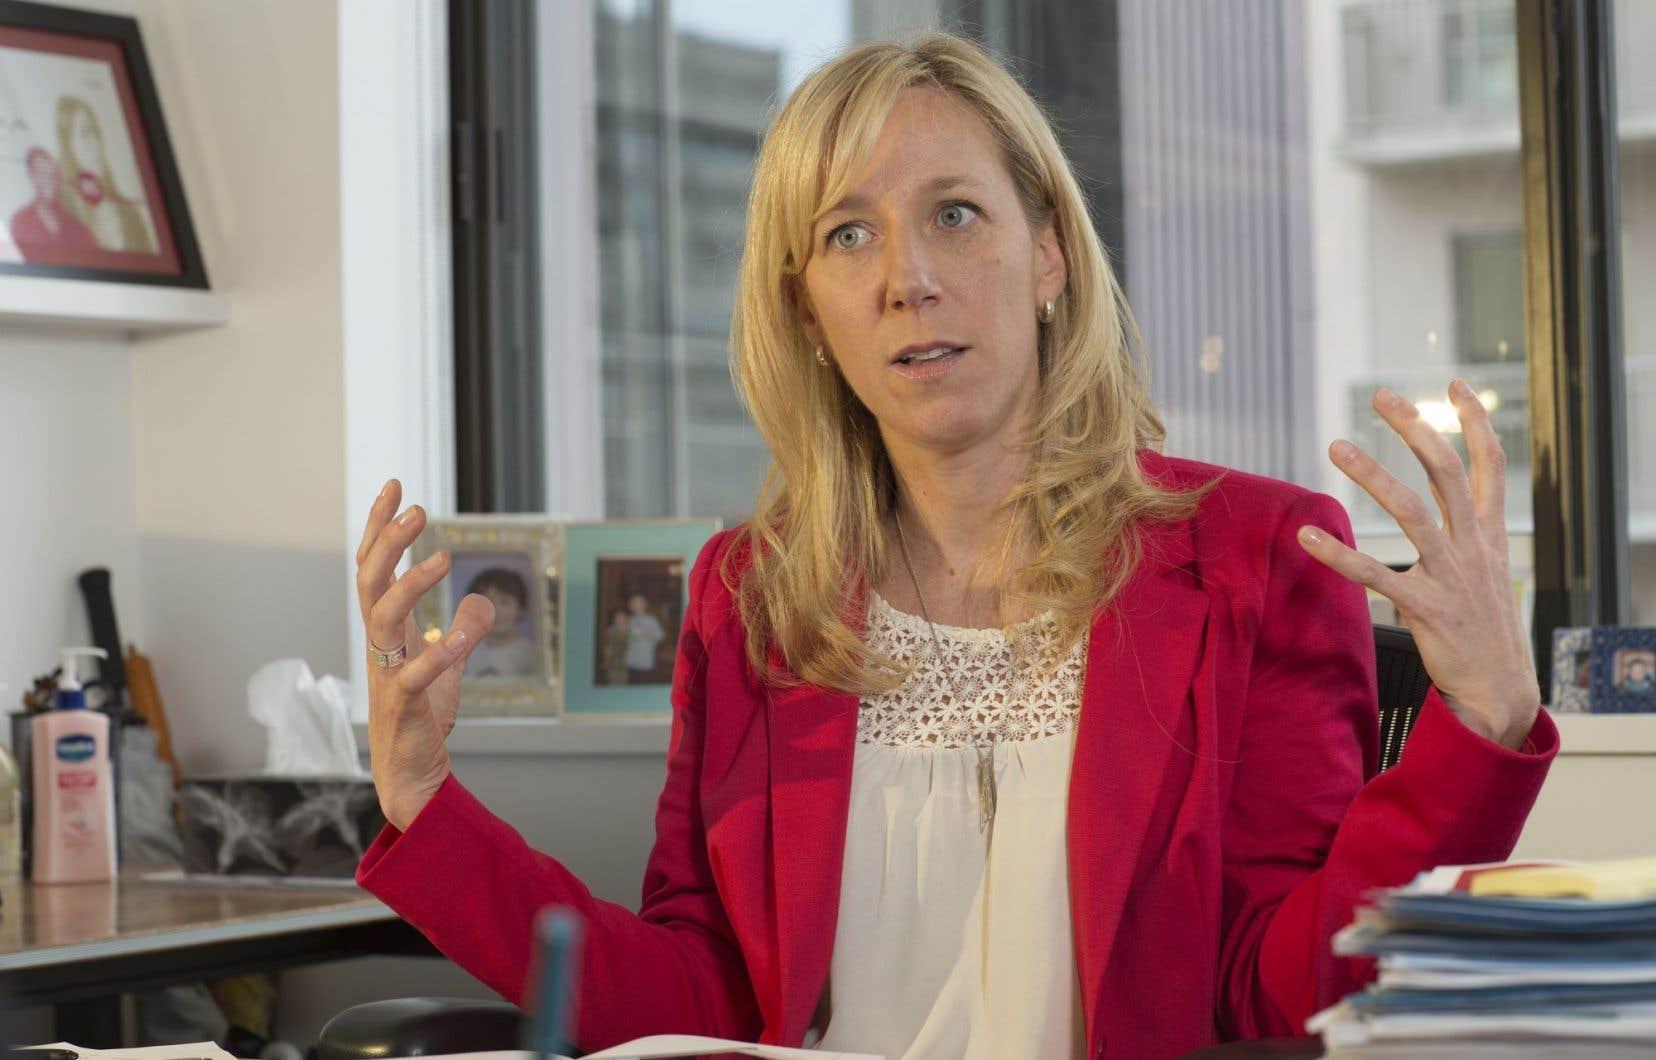 La présidente de Vision7 et de Cossette, Mélanie Dunn, a affirmé par voie de communiquéquece partenariat est un <em>«potentiel de croissance extraordinaire»</em>.